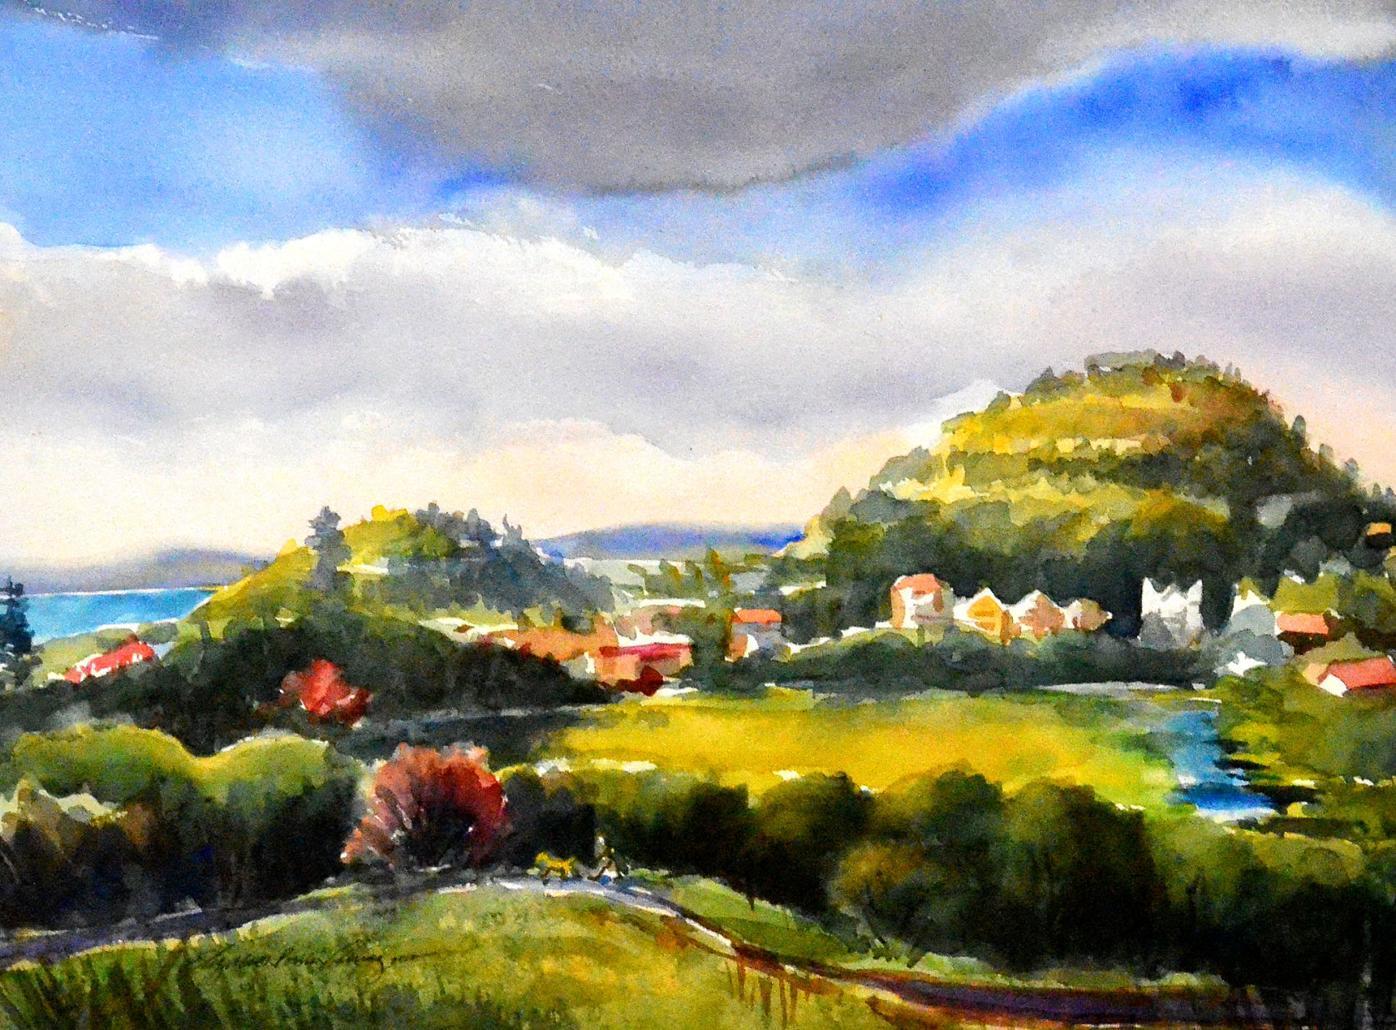 Liz Poulin Alvarez, Watercolor Landscape